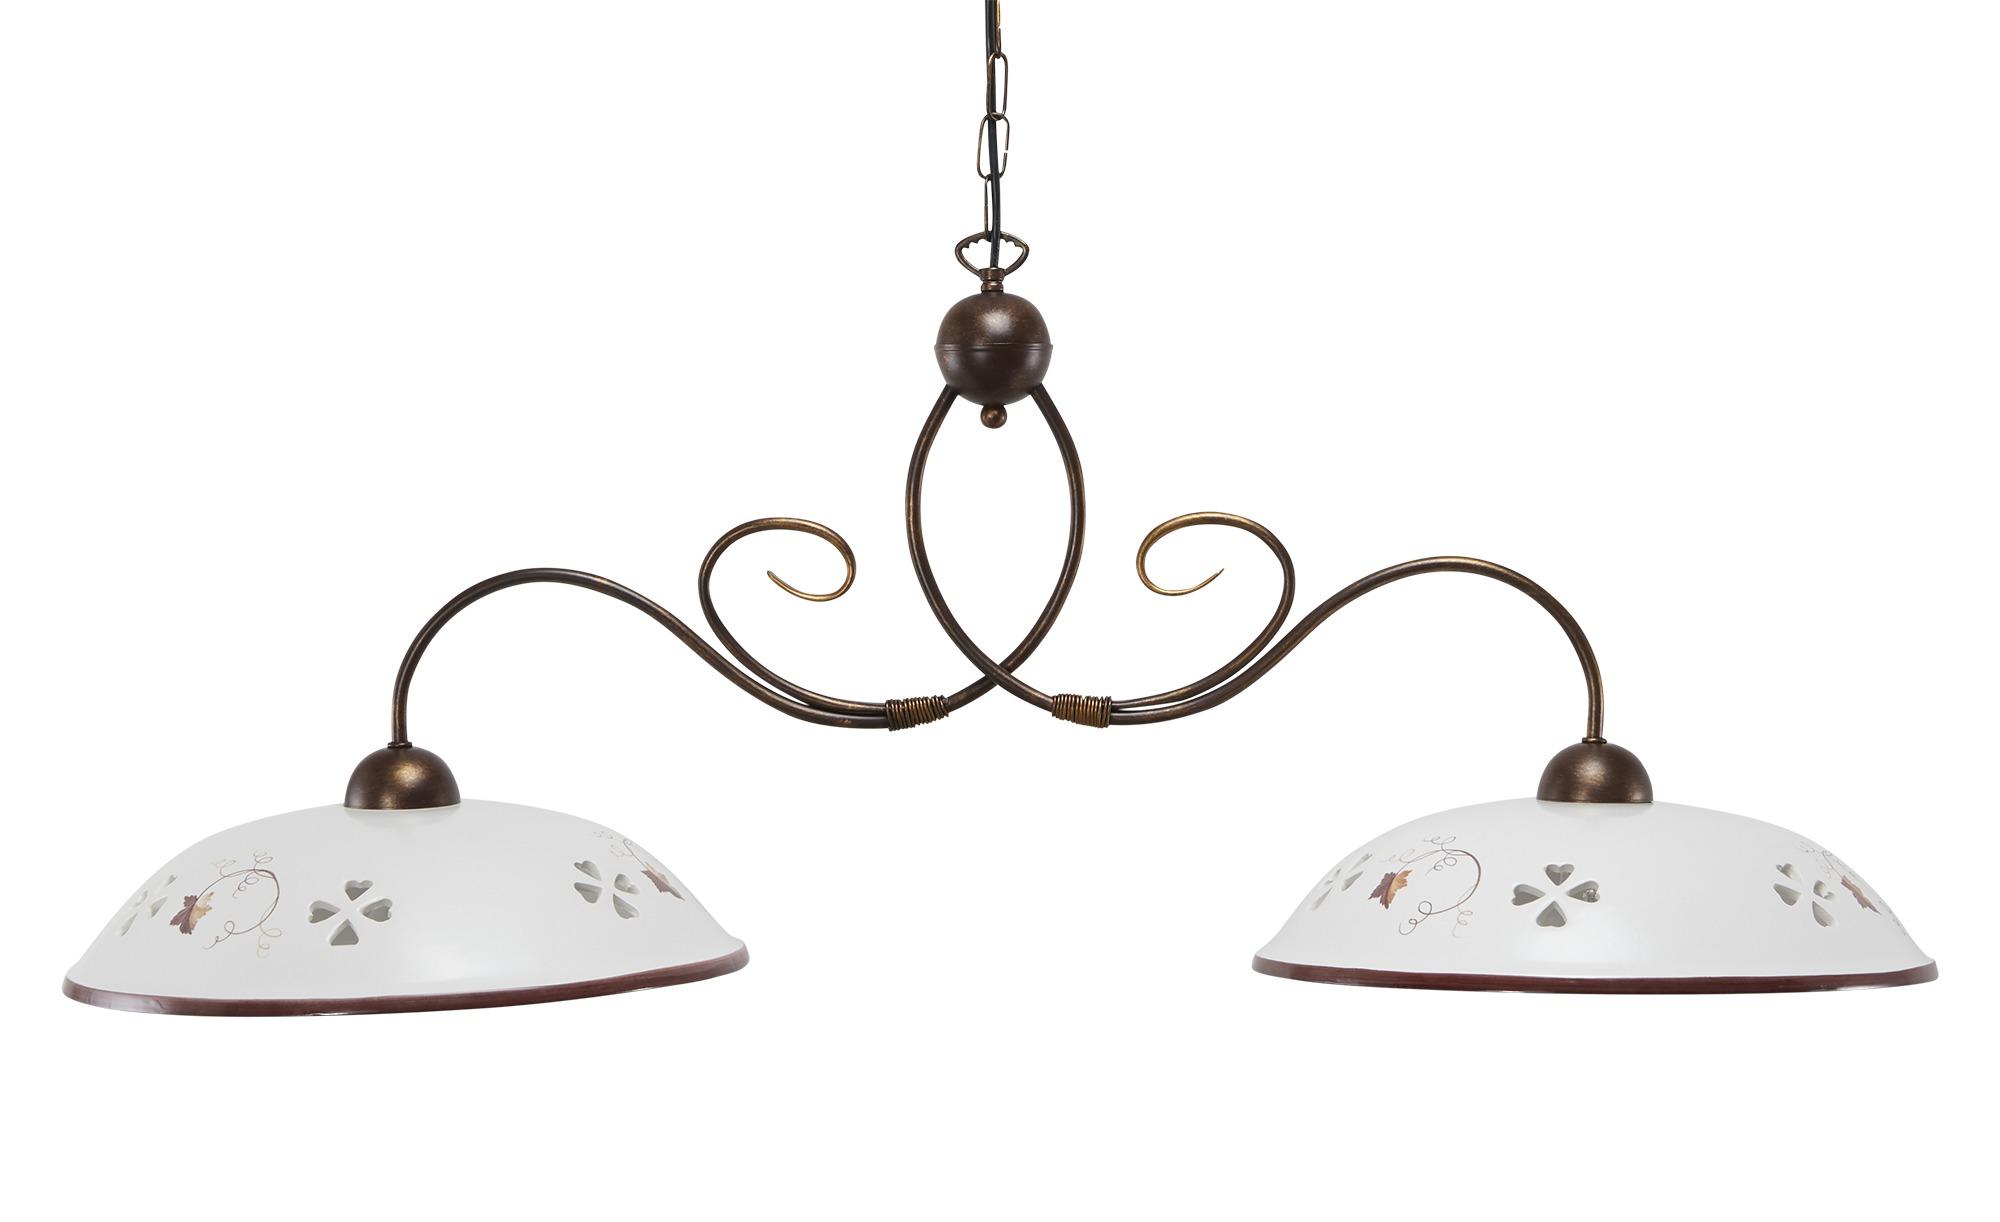 Keramikpendelleuchte, 2-flammig, weiß ¦ weiß ¦ Maße (cm): B: 102 H: 100 Lampen & Leuchten > Innenleuchten > Pendelleuchten - Höffner